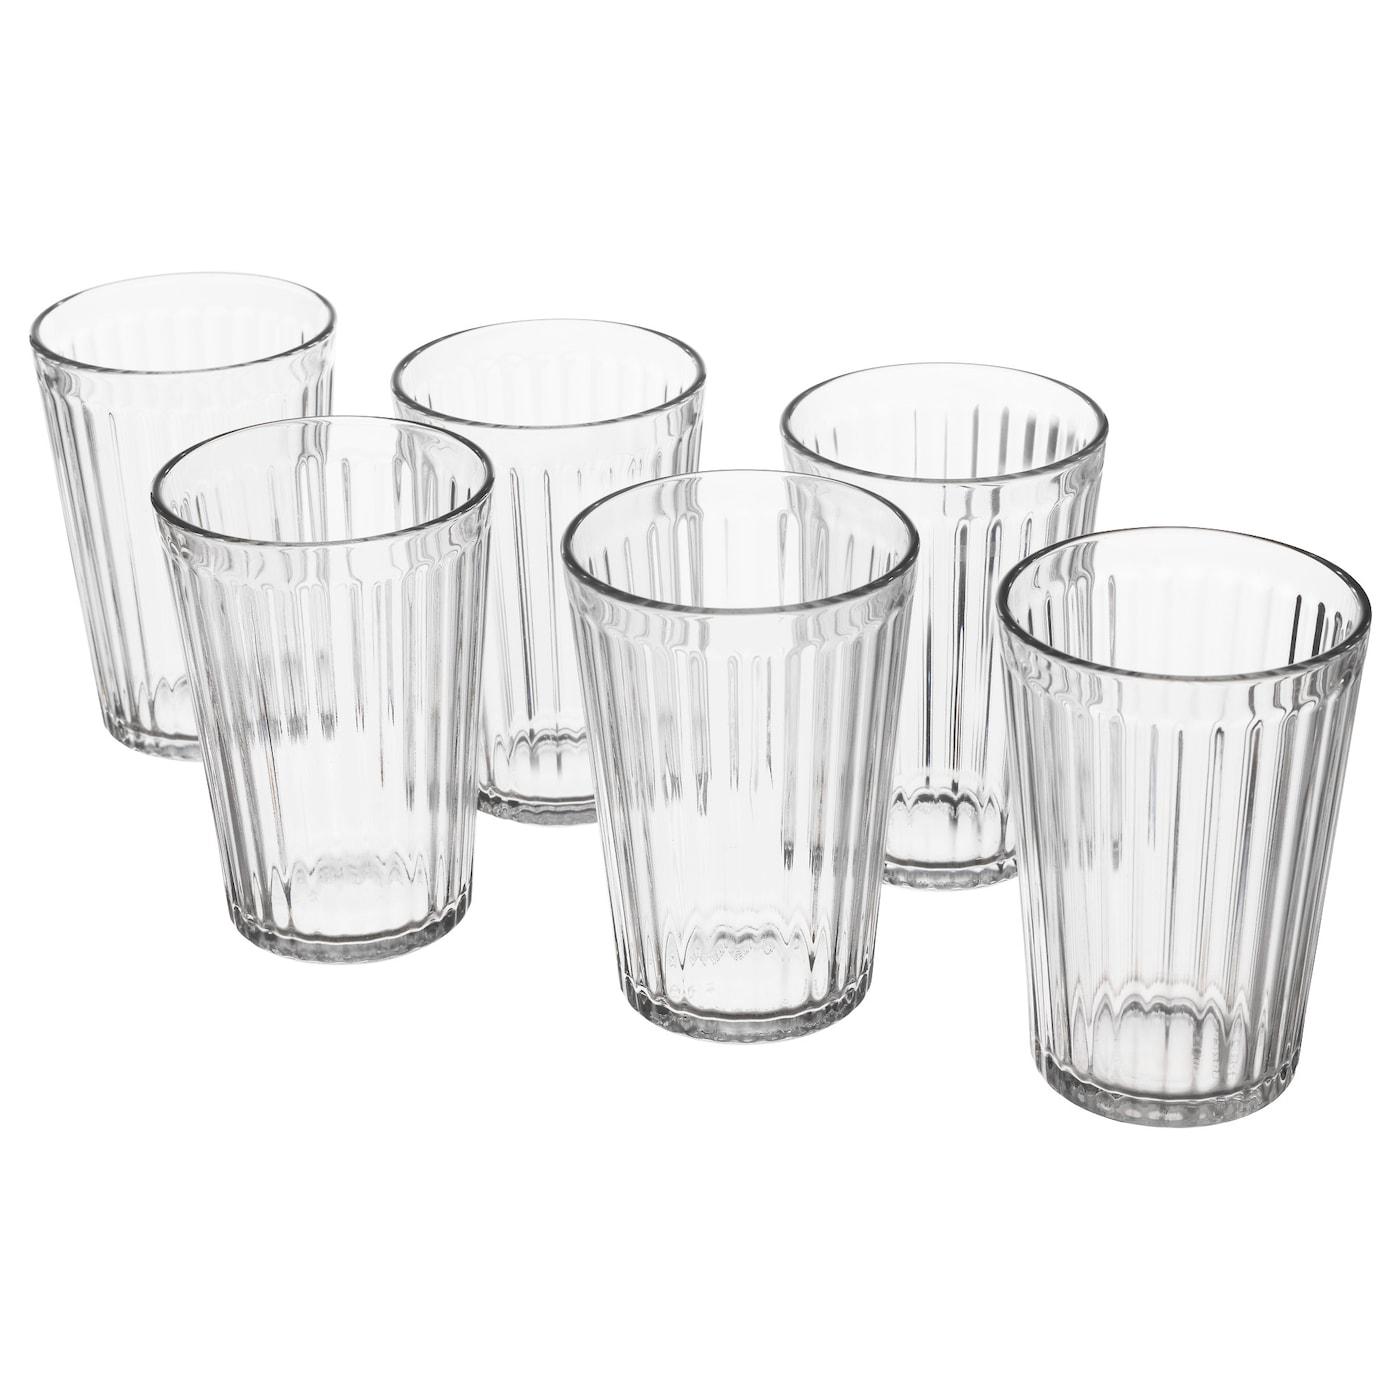 Sabes para qué sirven las rayas de los vasos de plástico